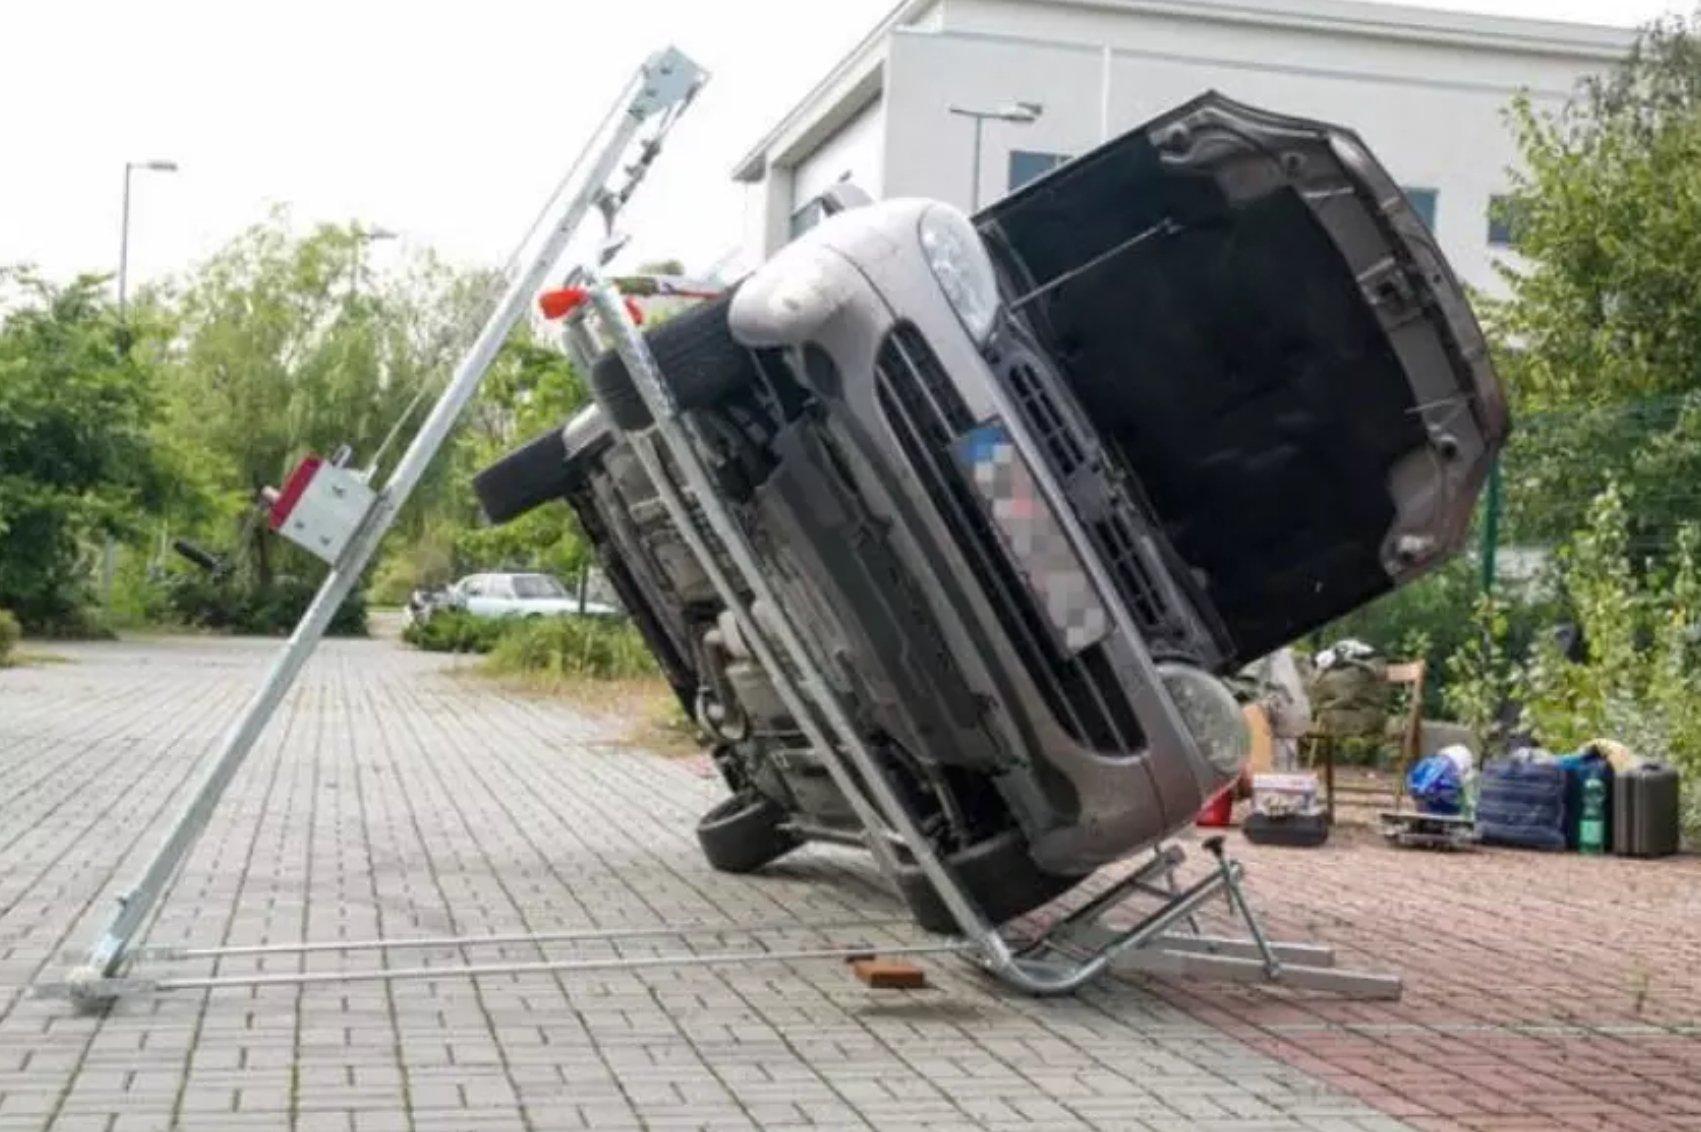 این جک تعمیر زیر خودرو را آسان تر می کند [تماشا کنید]